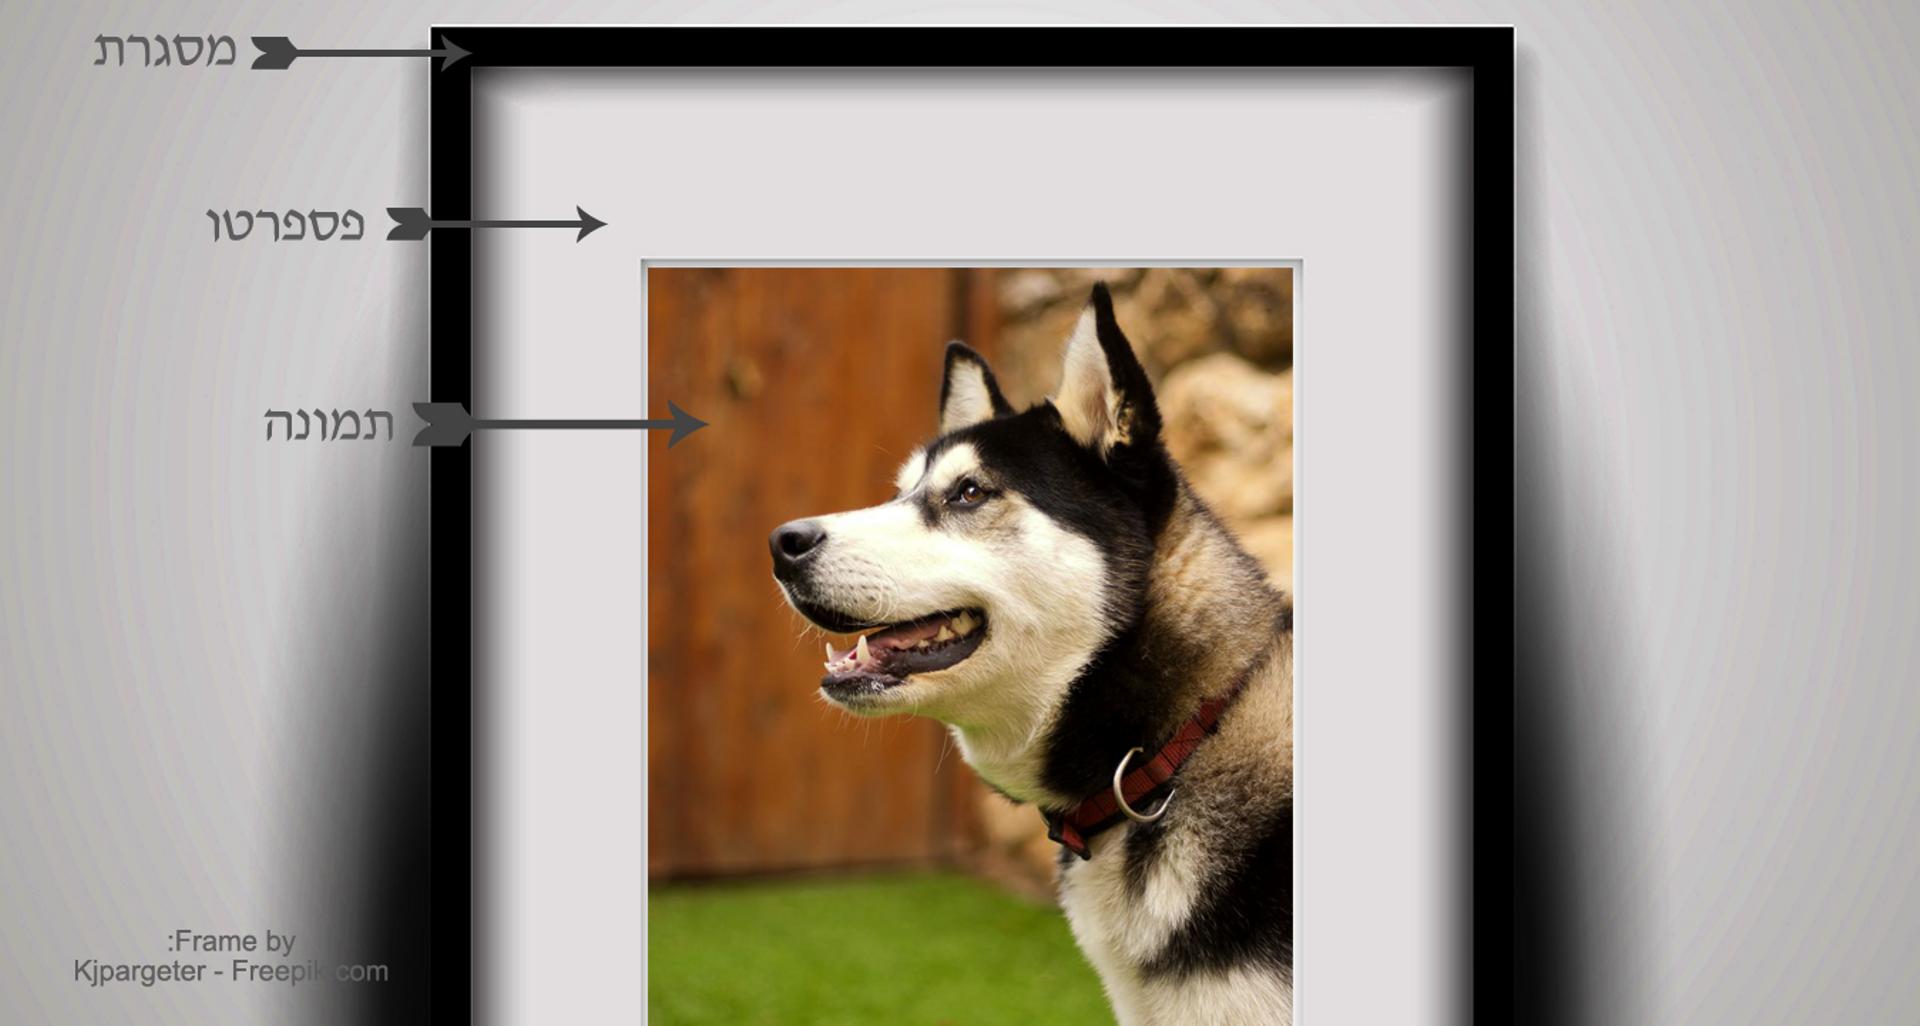 =מסגרת תמונה איכותית דגם FR9309, כולל הדפסת תמונה.